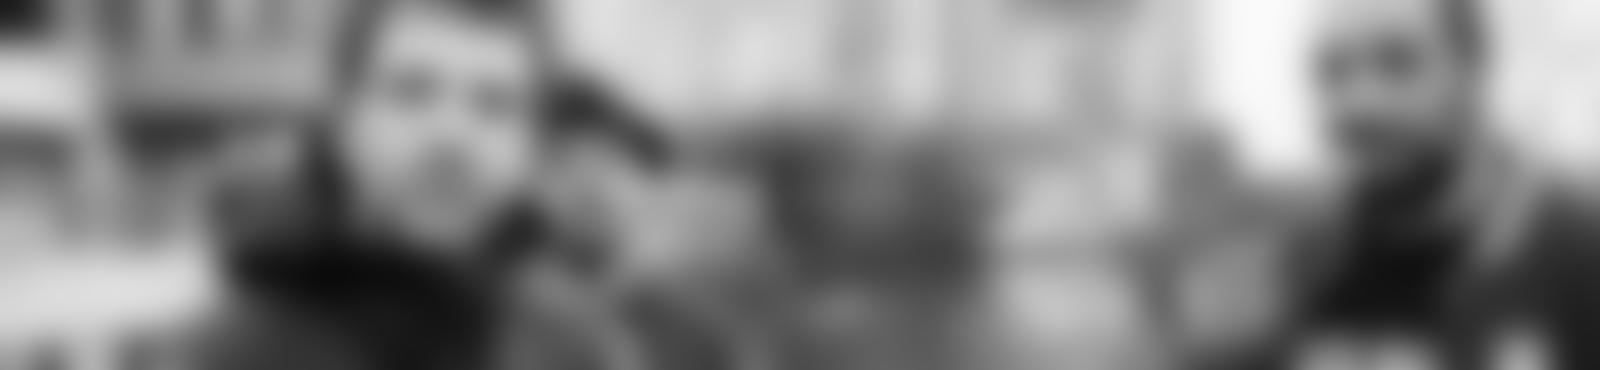 Blurred 1deaf4d8 36e8 4b12 be97 cf7bbfd10018